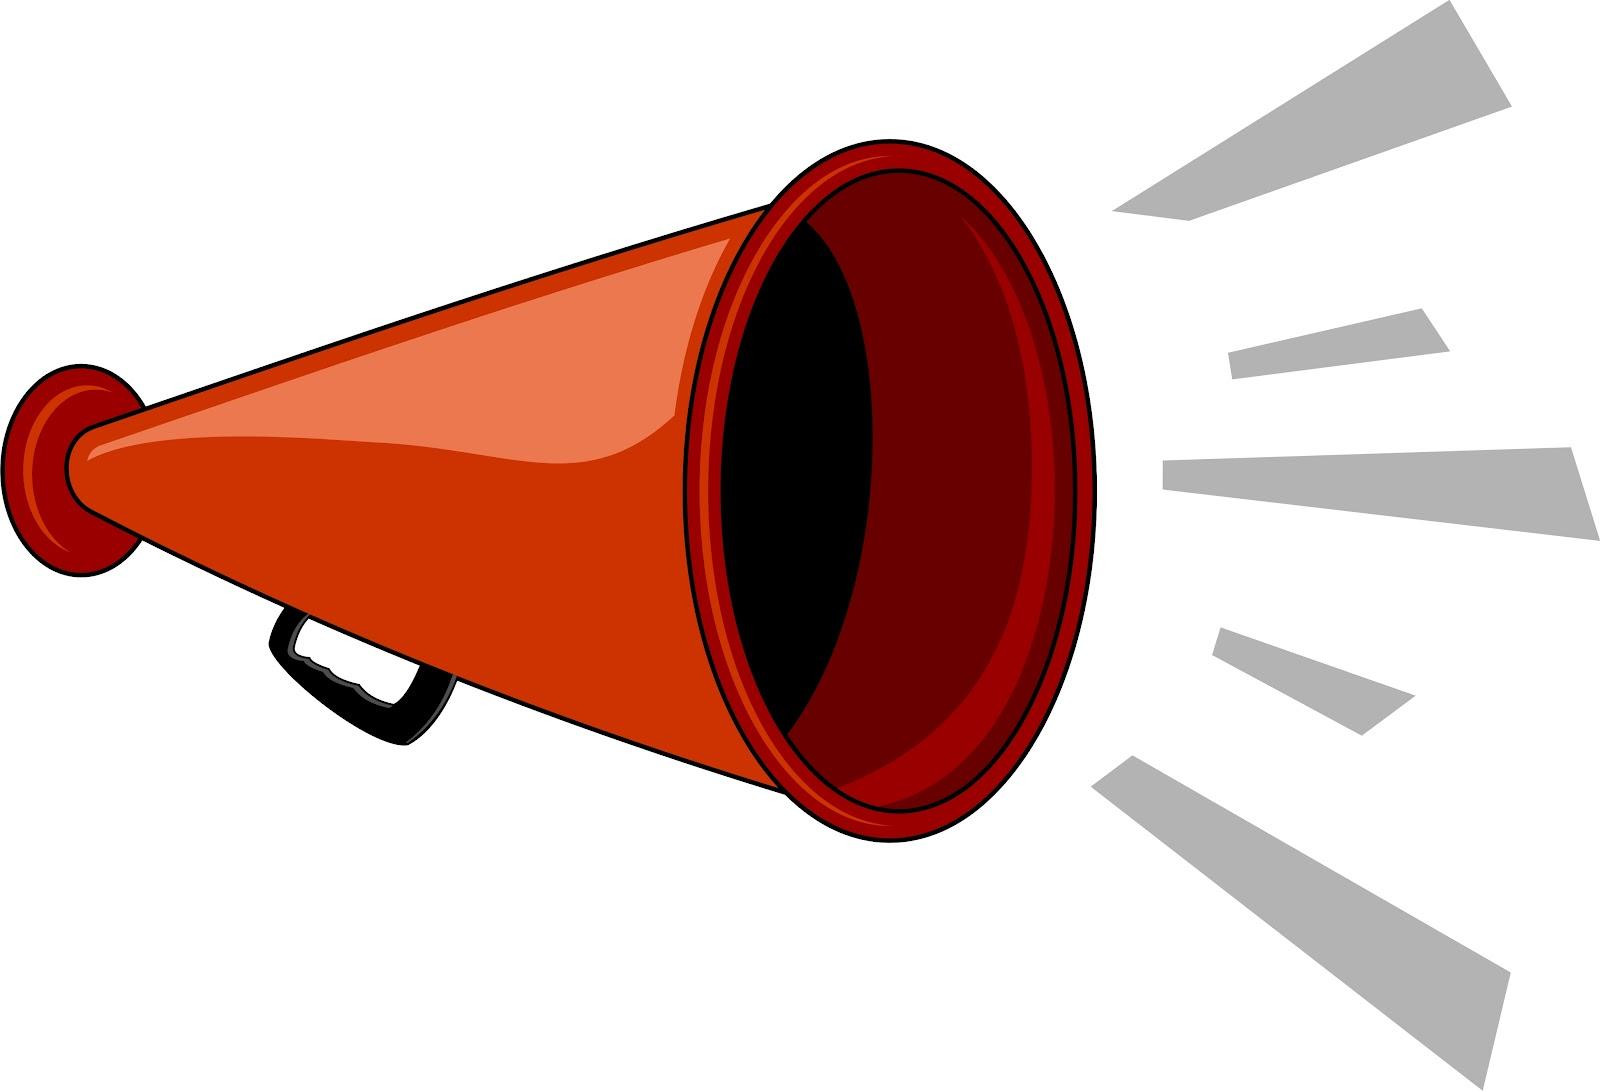 Image result for megaphone images